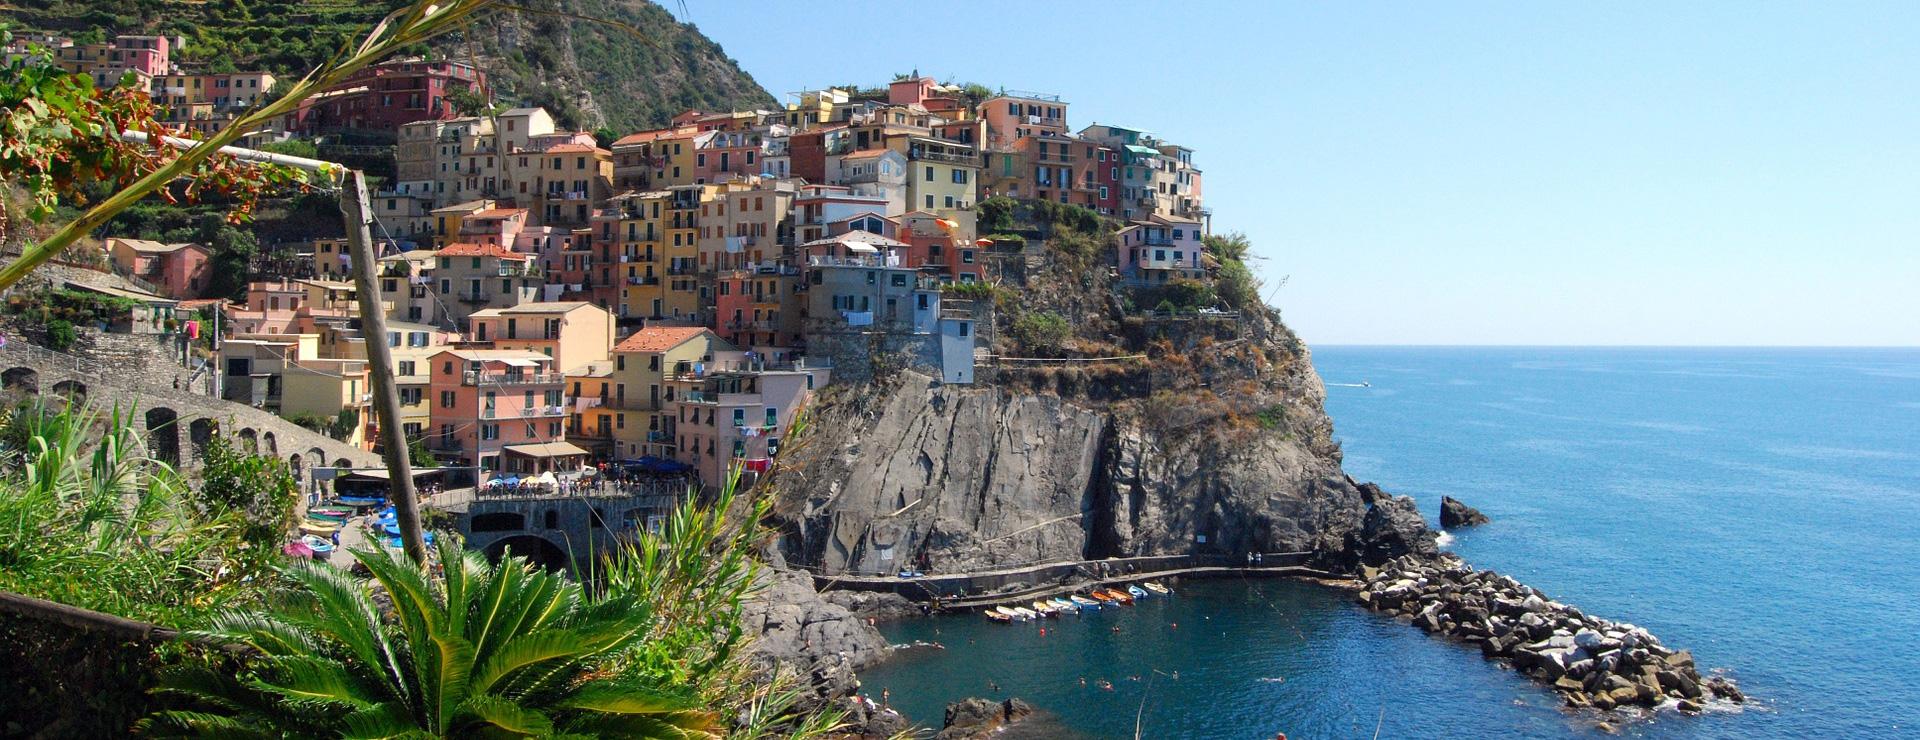 Vakantie met boot: Cinque Terre